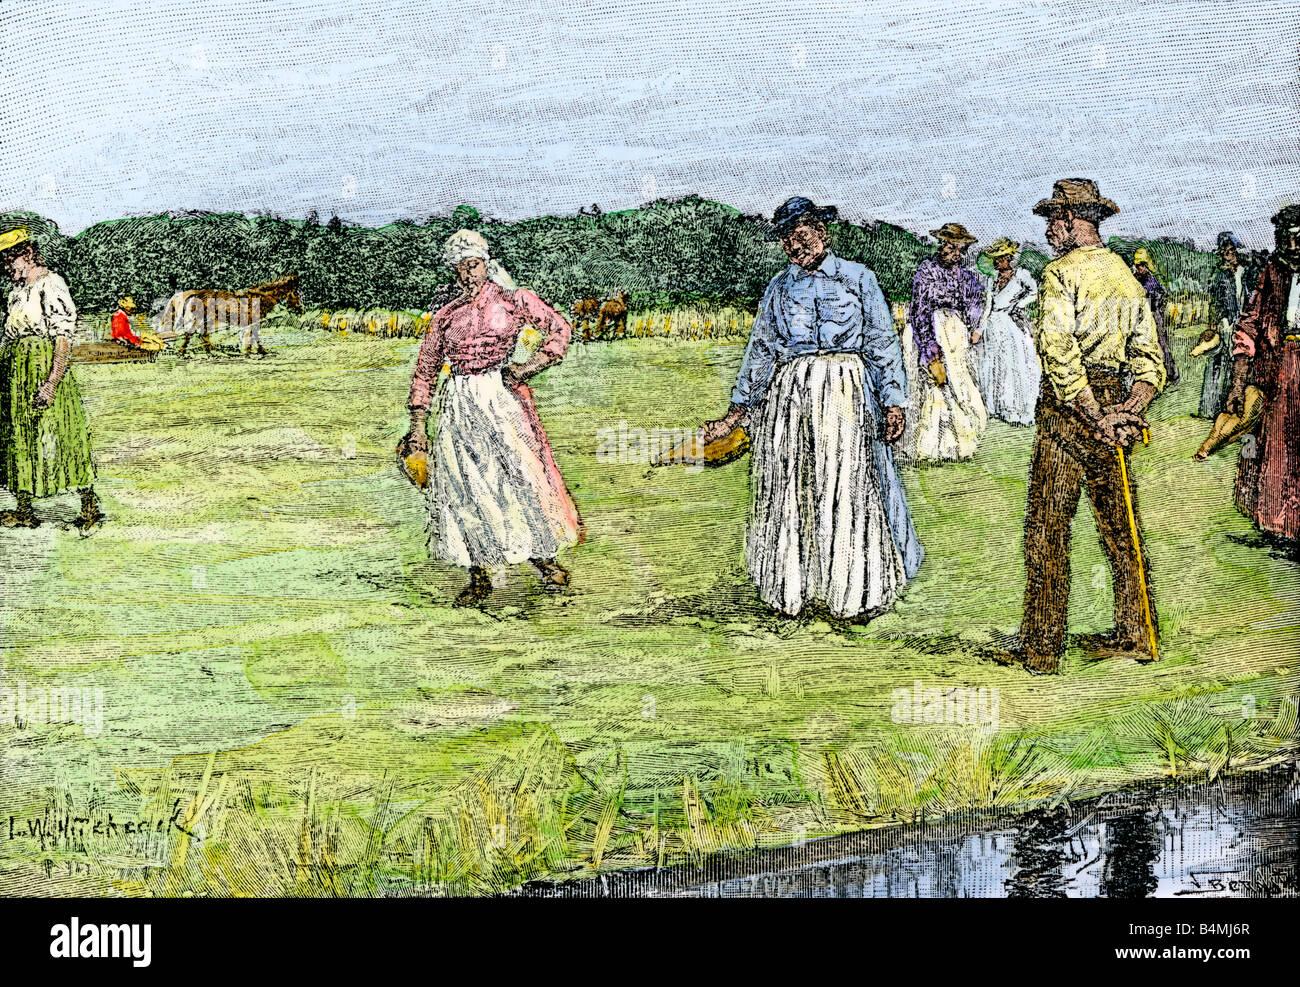 La plantación de arroz en una plantación de Carolina del Norte de 1800. Xilografía coloreada a mano Imagen De Stock